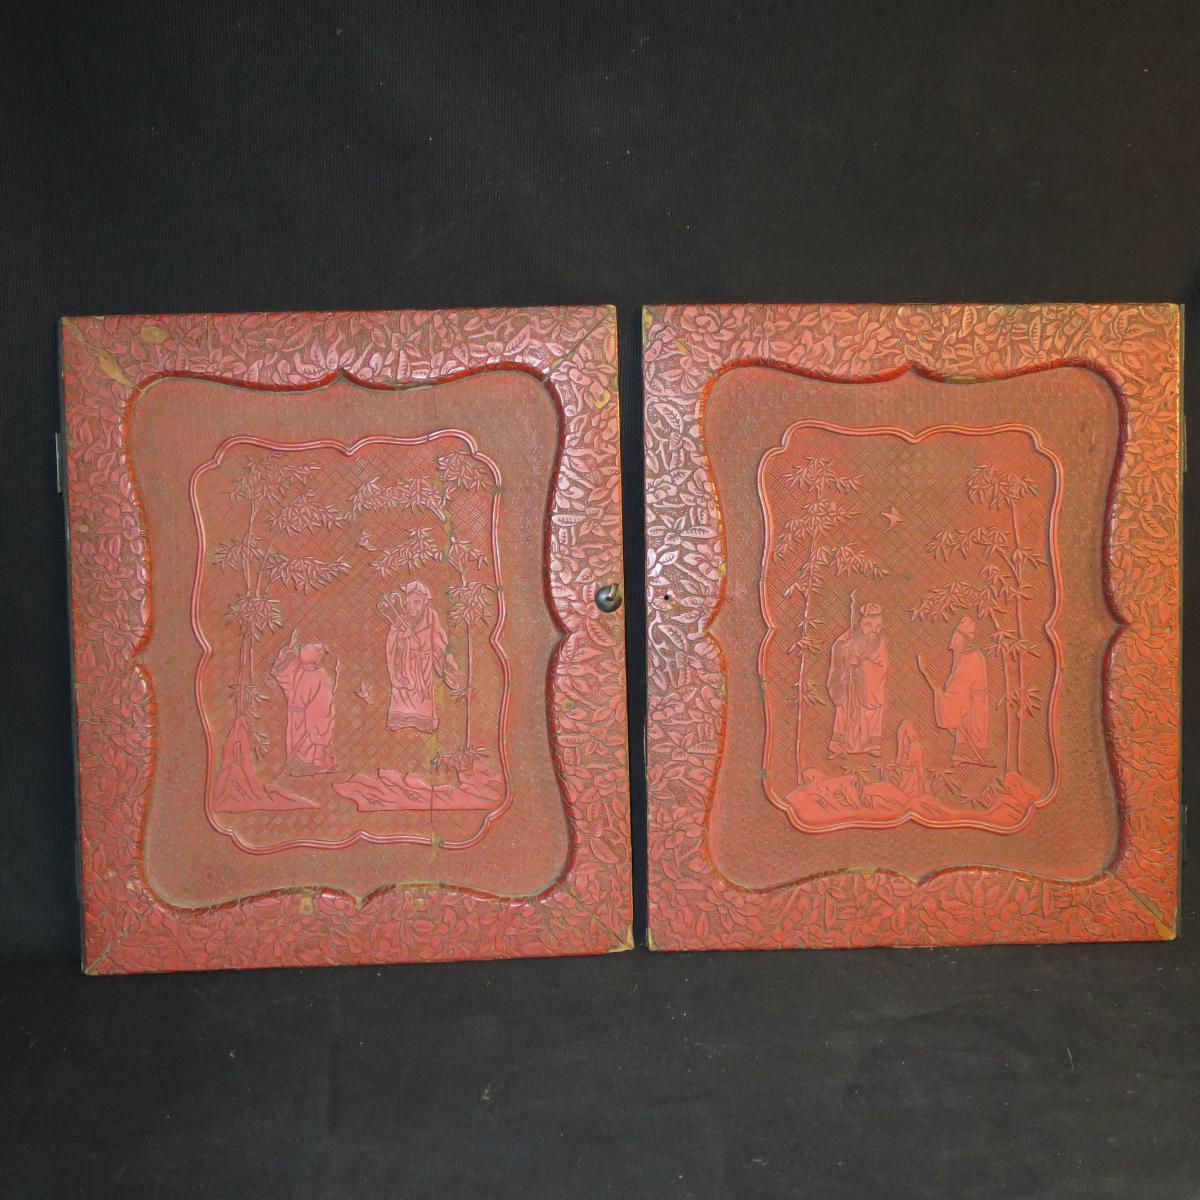 2 PANNEAUX DE PORTE CABINET XIXe en laque rouge decor Chinois Asie